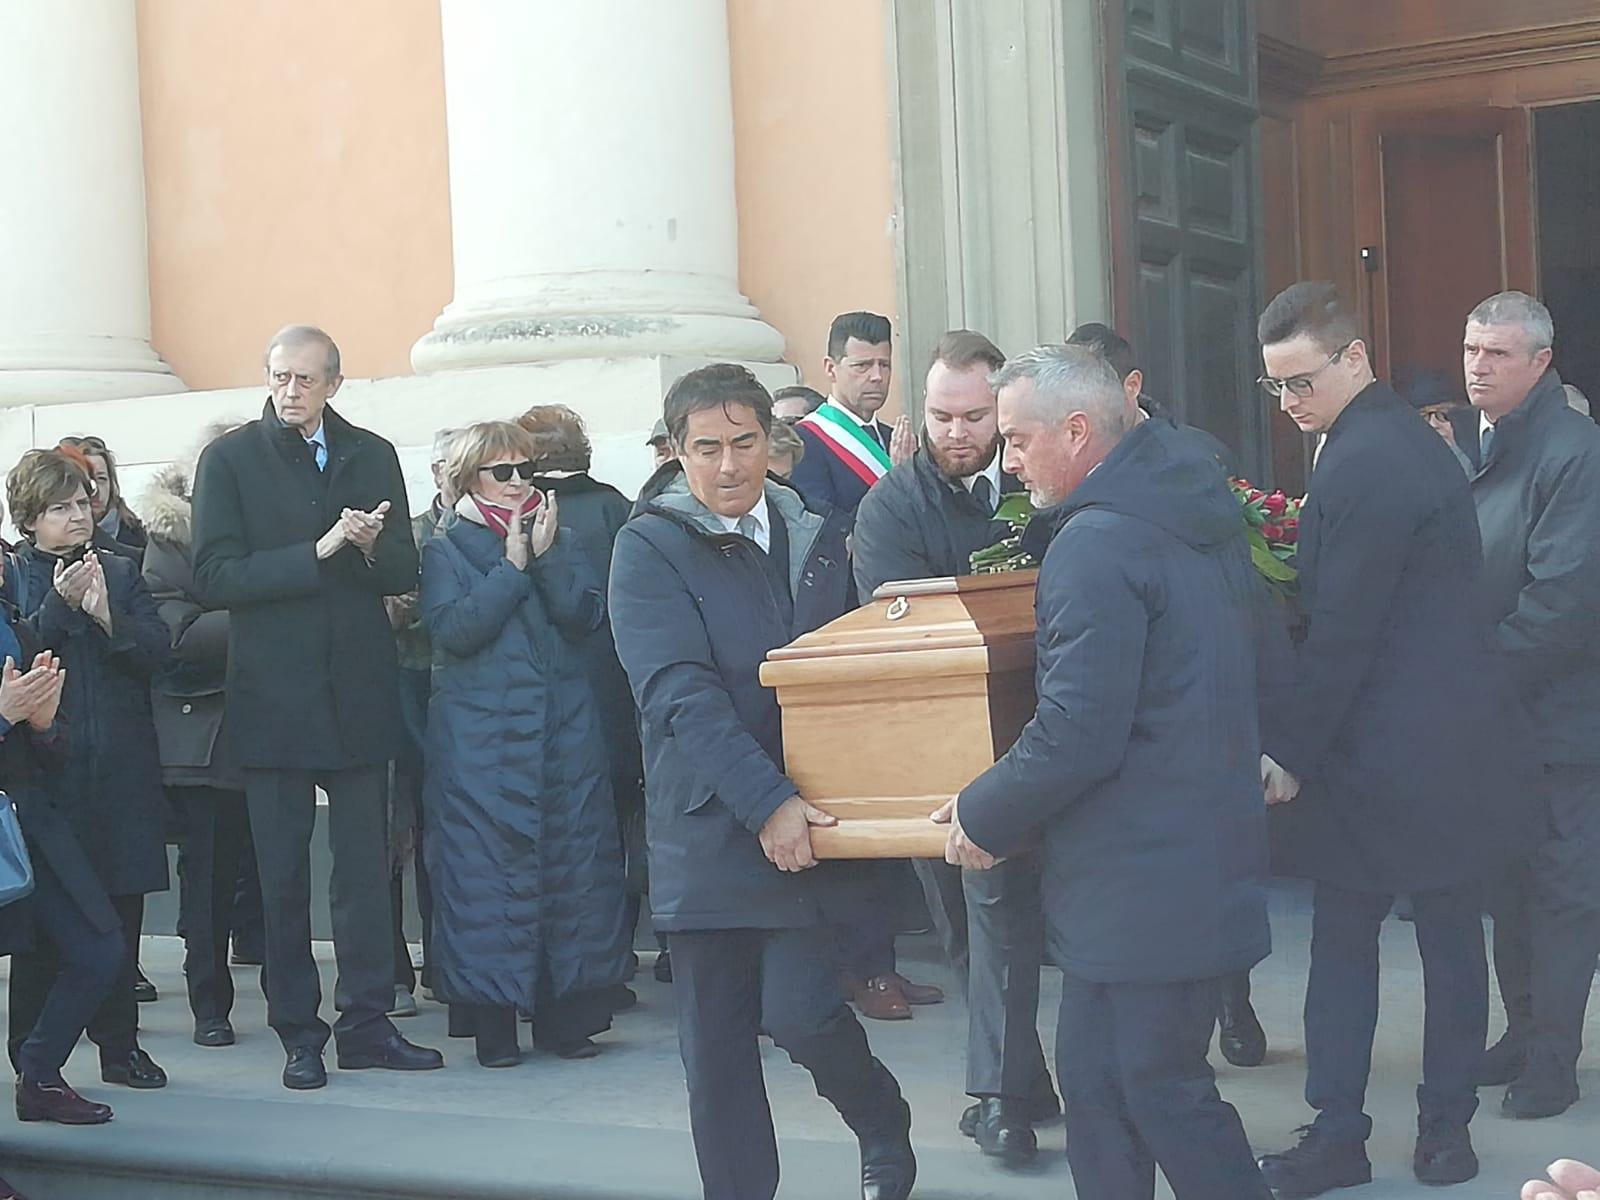 Anche l'amico Piero Fassino al funerale di Bugatti